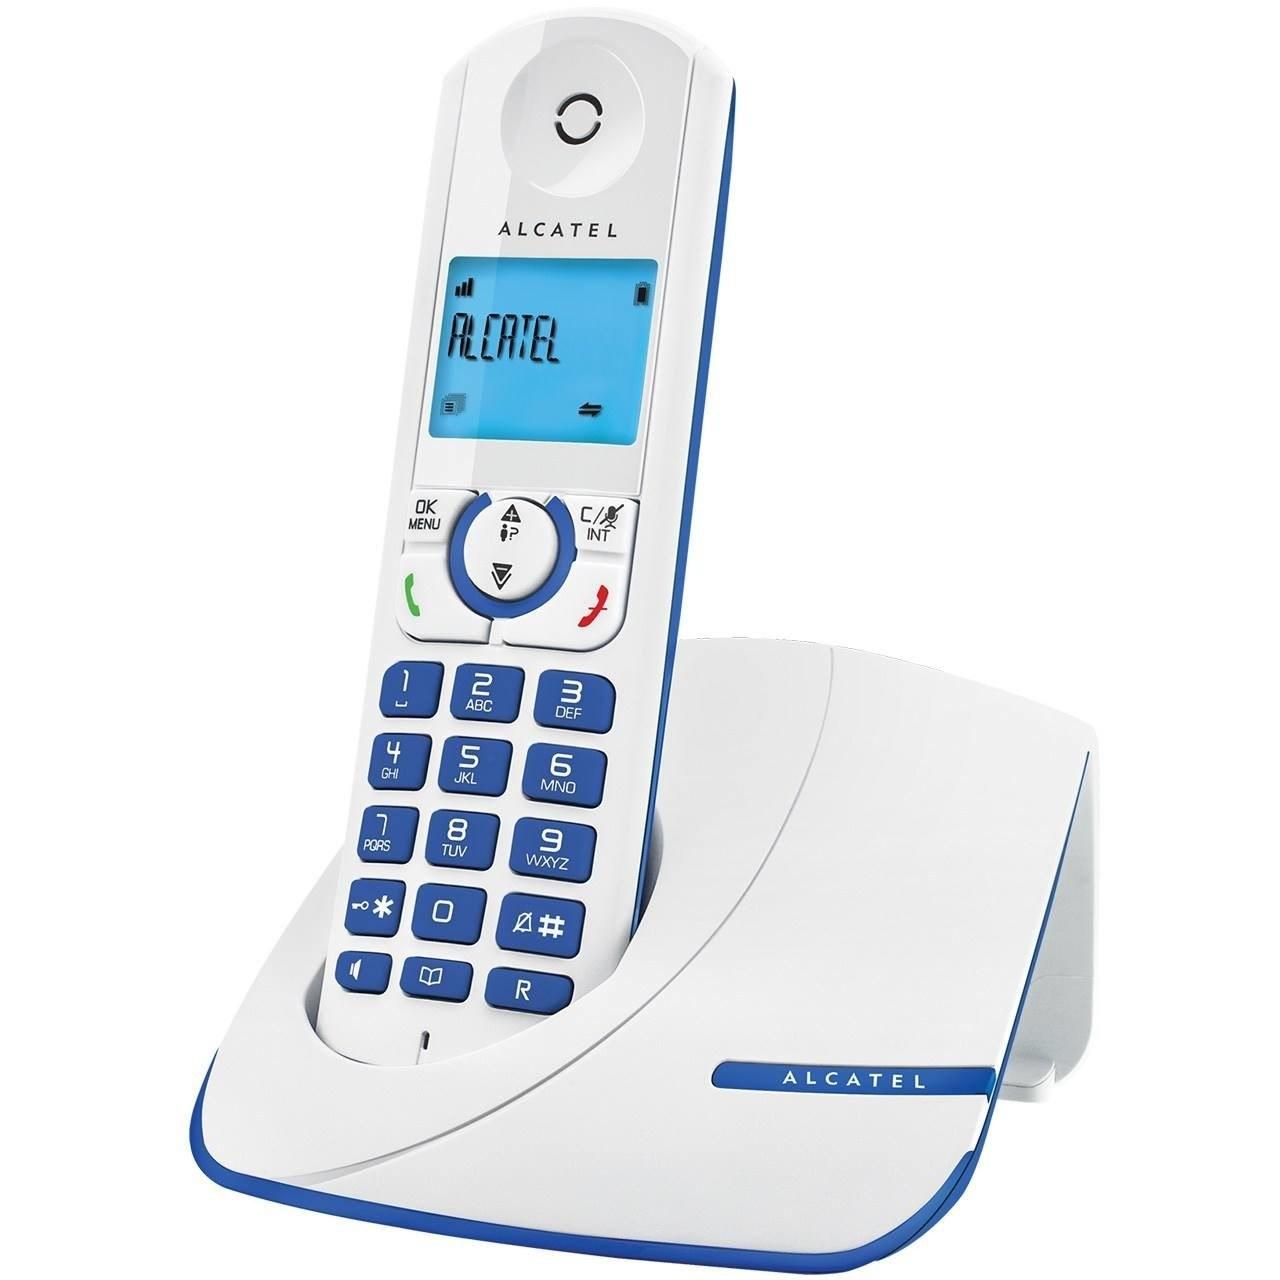 تصویر تلفن بیسیم آلکاتل مدل F330 Alcatel F330 Wireless Phone